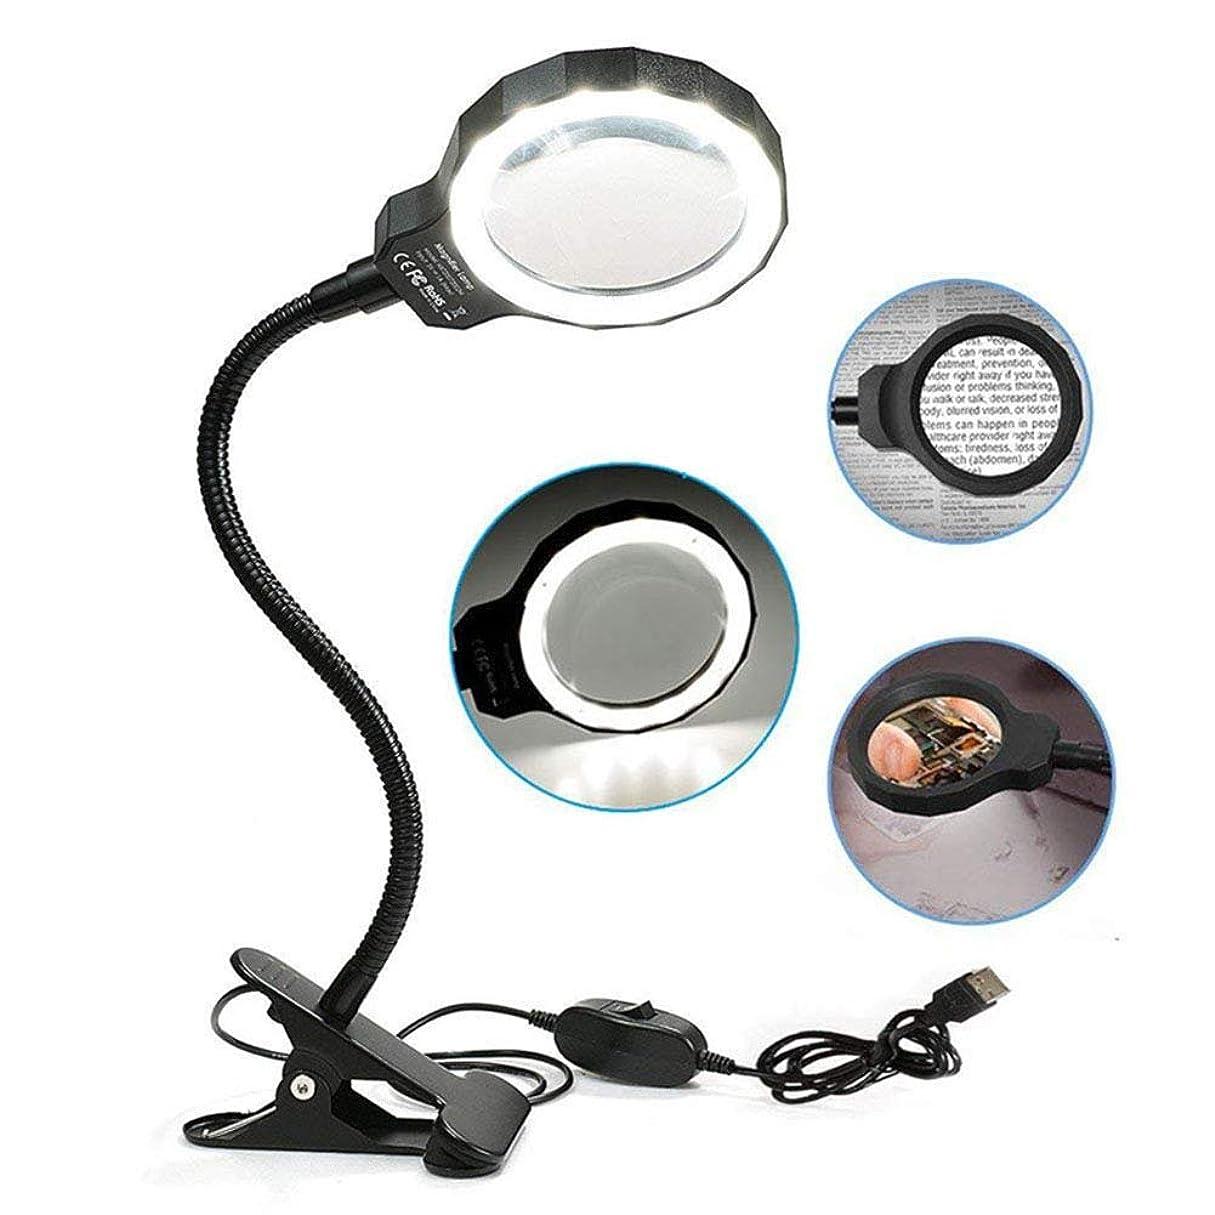 階層ビジネスボールLED 5X拡大鏡クランプランプ、昼光明るい照明付きレンズ-デスク、テーブル、クラフト、ジュエリー、縫製、黒用の調光可能、調整可能な色温度ユーティリティライト